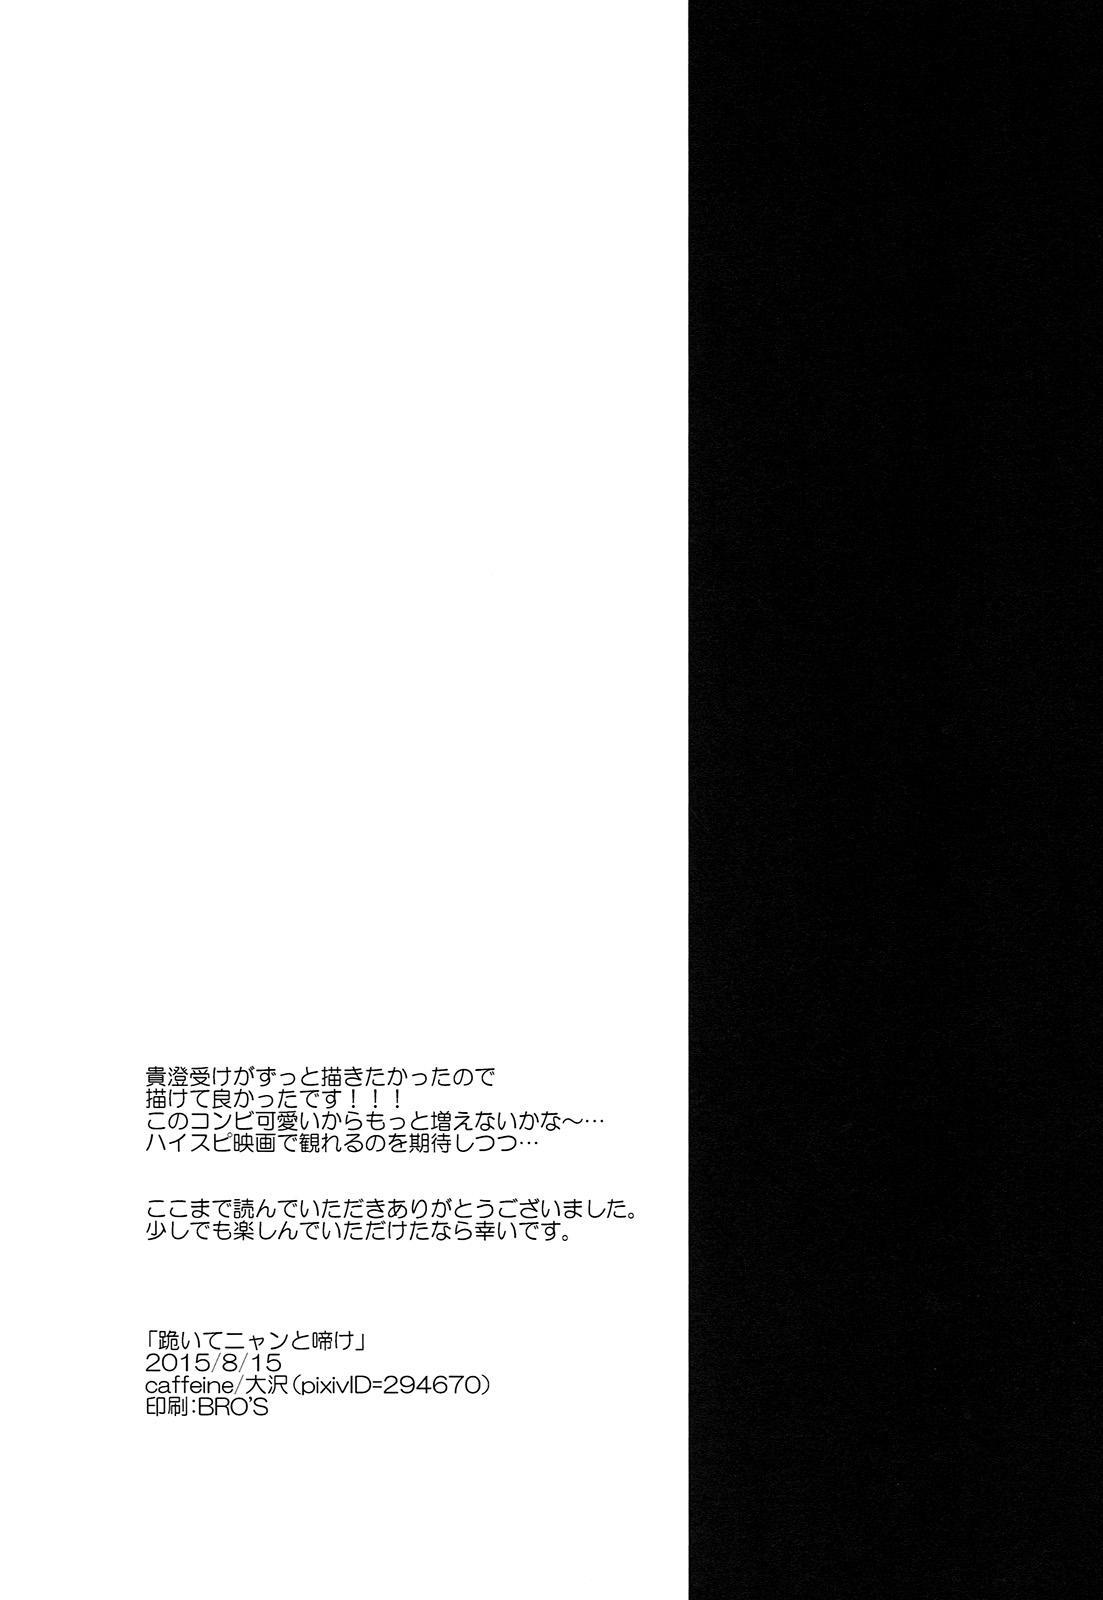 Hizamazuite nyan to nake 20